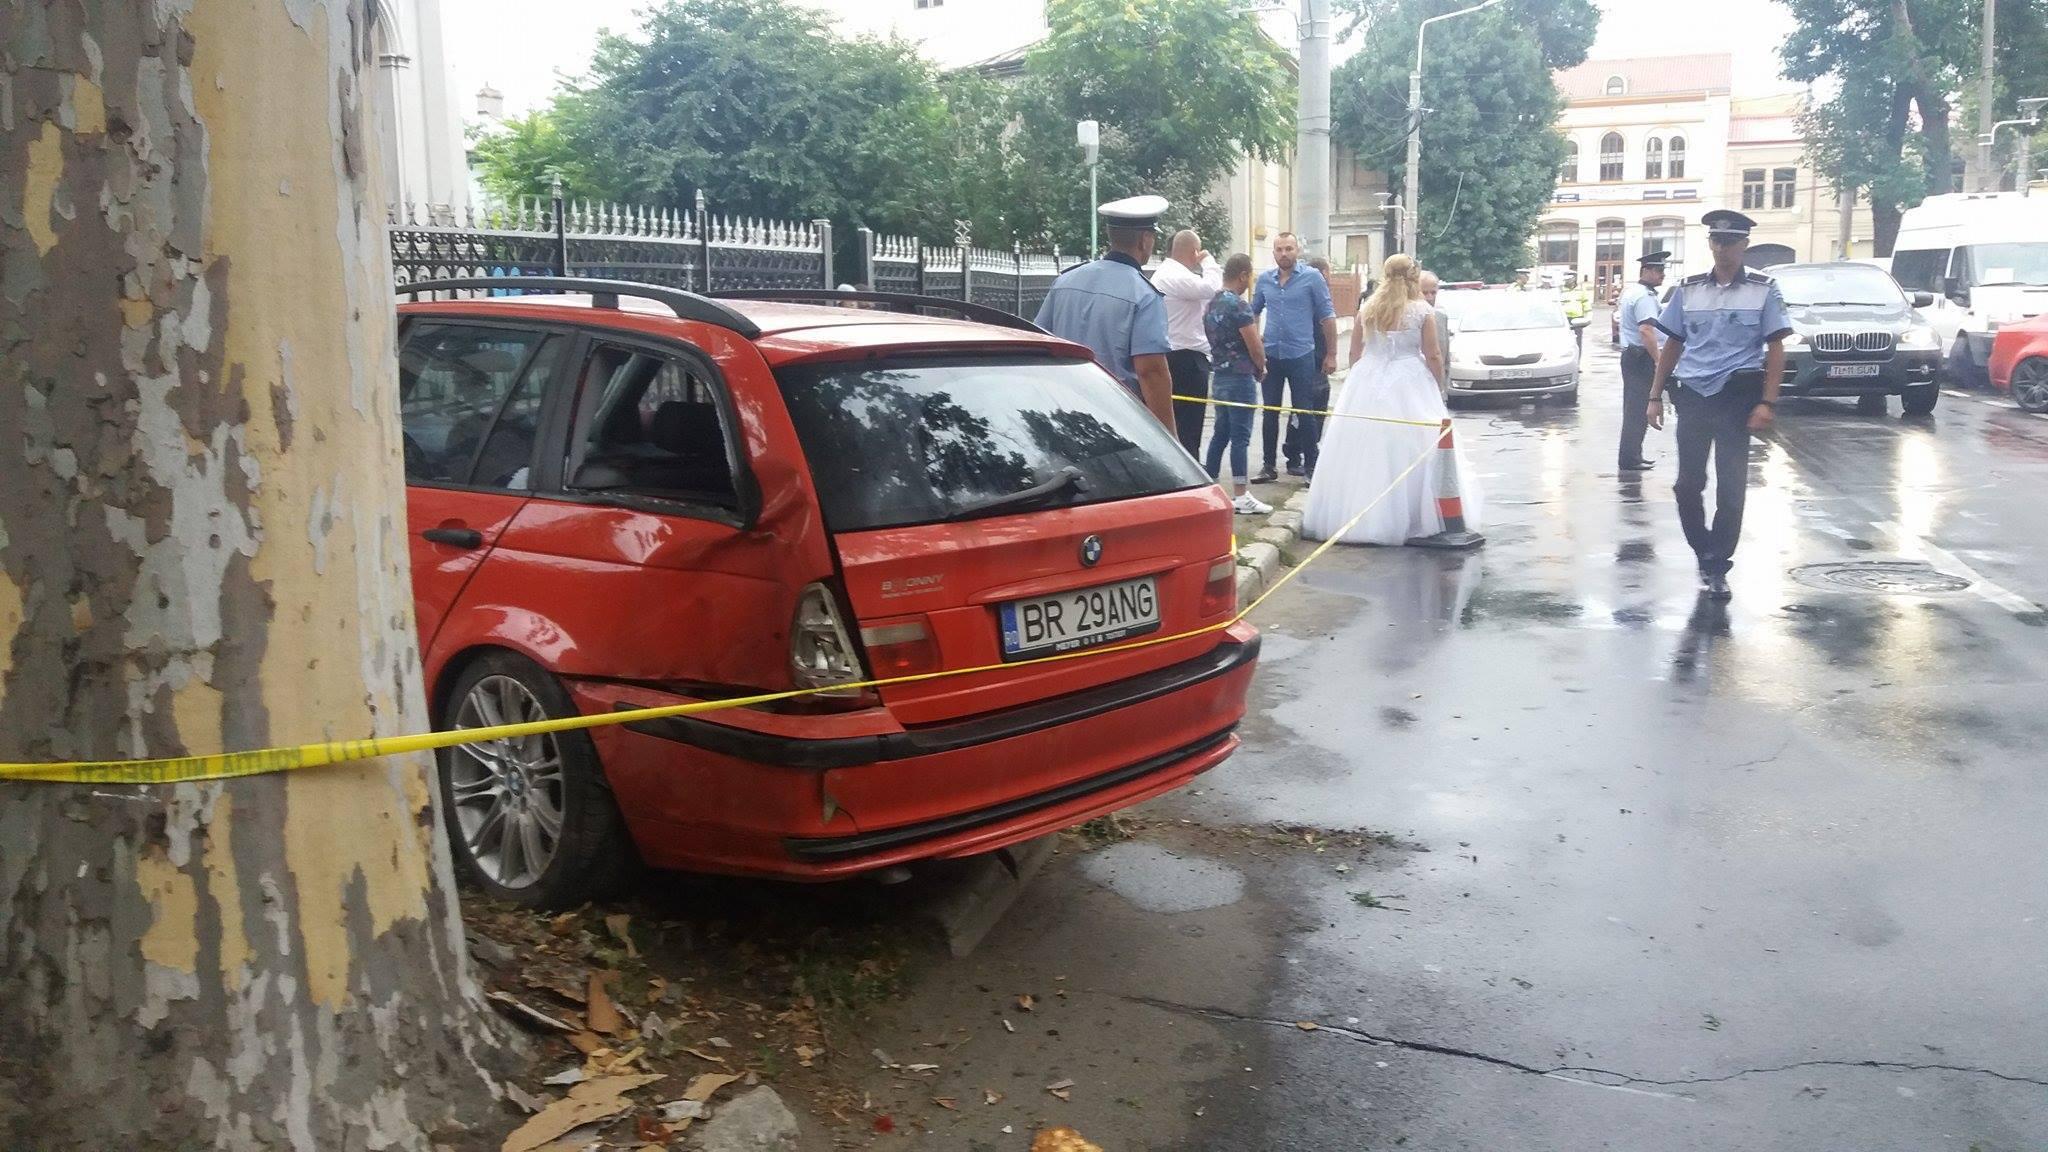 Brăila: Şoferul maşinii care a intrat într-un grup de nuntaşi s-a predat